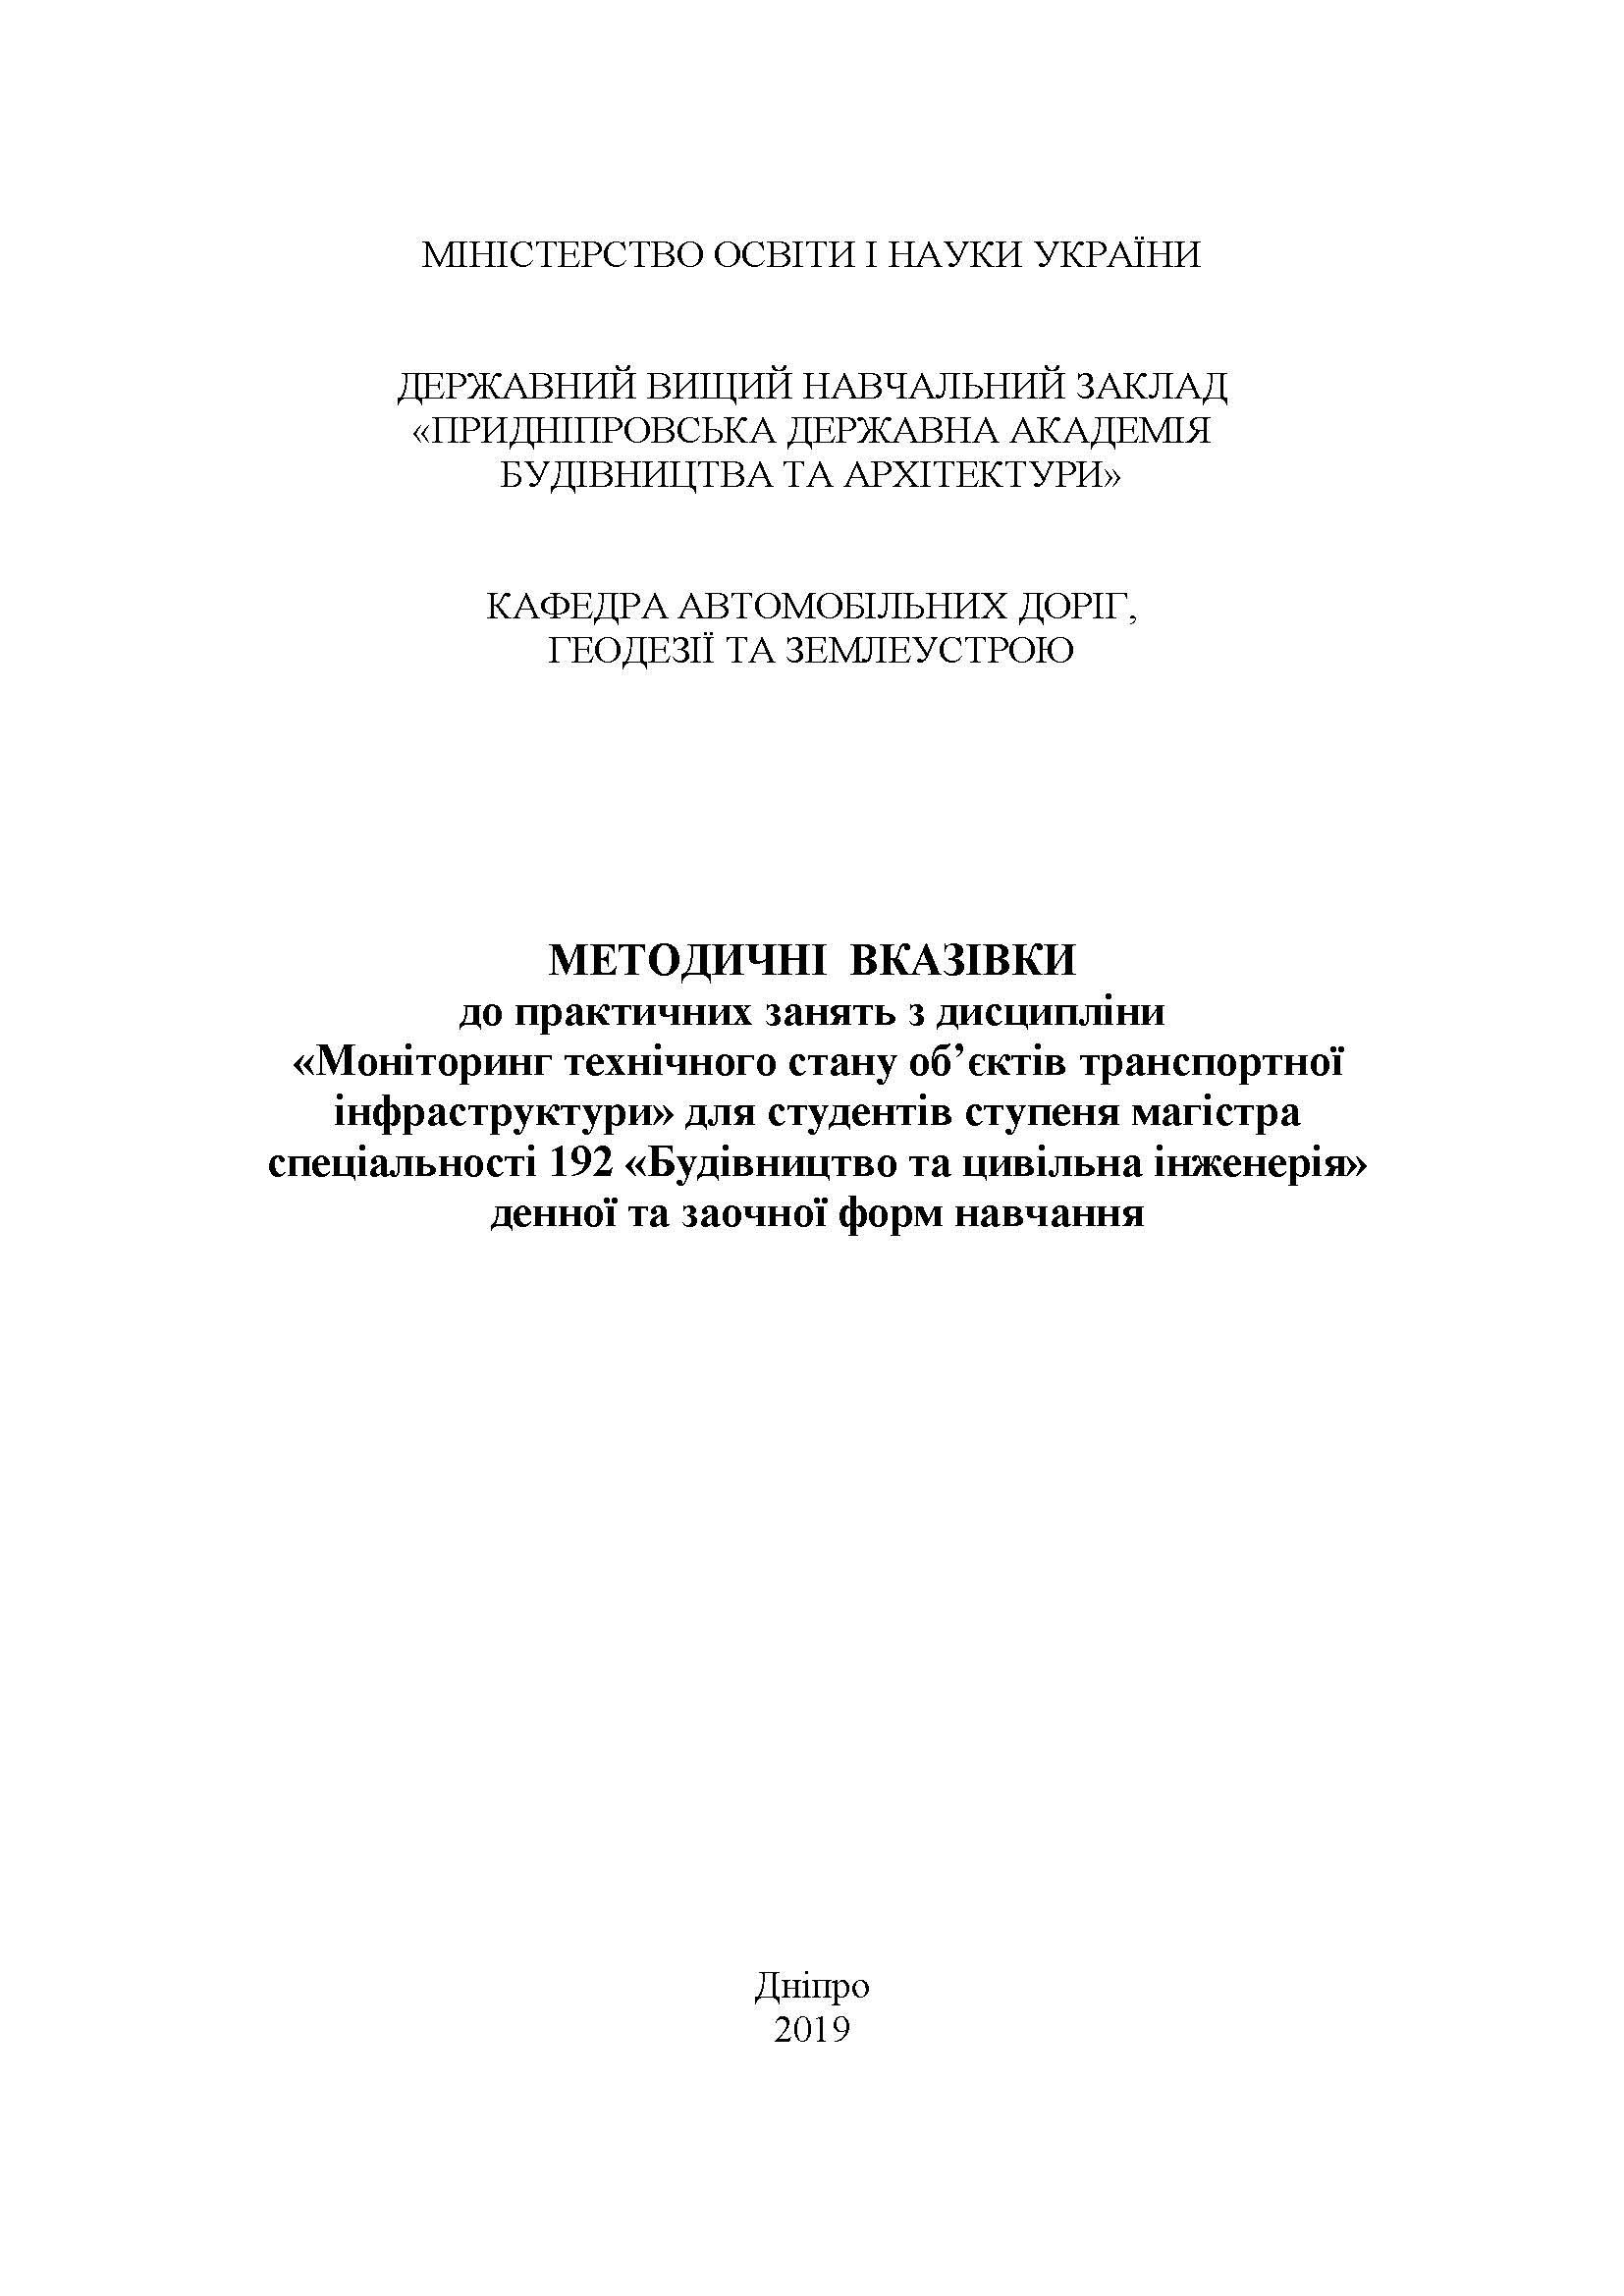 Моніторинг технічного стану об'єктів транспортної інфраструктури, 2019